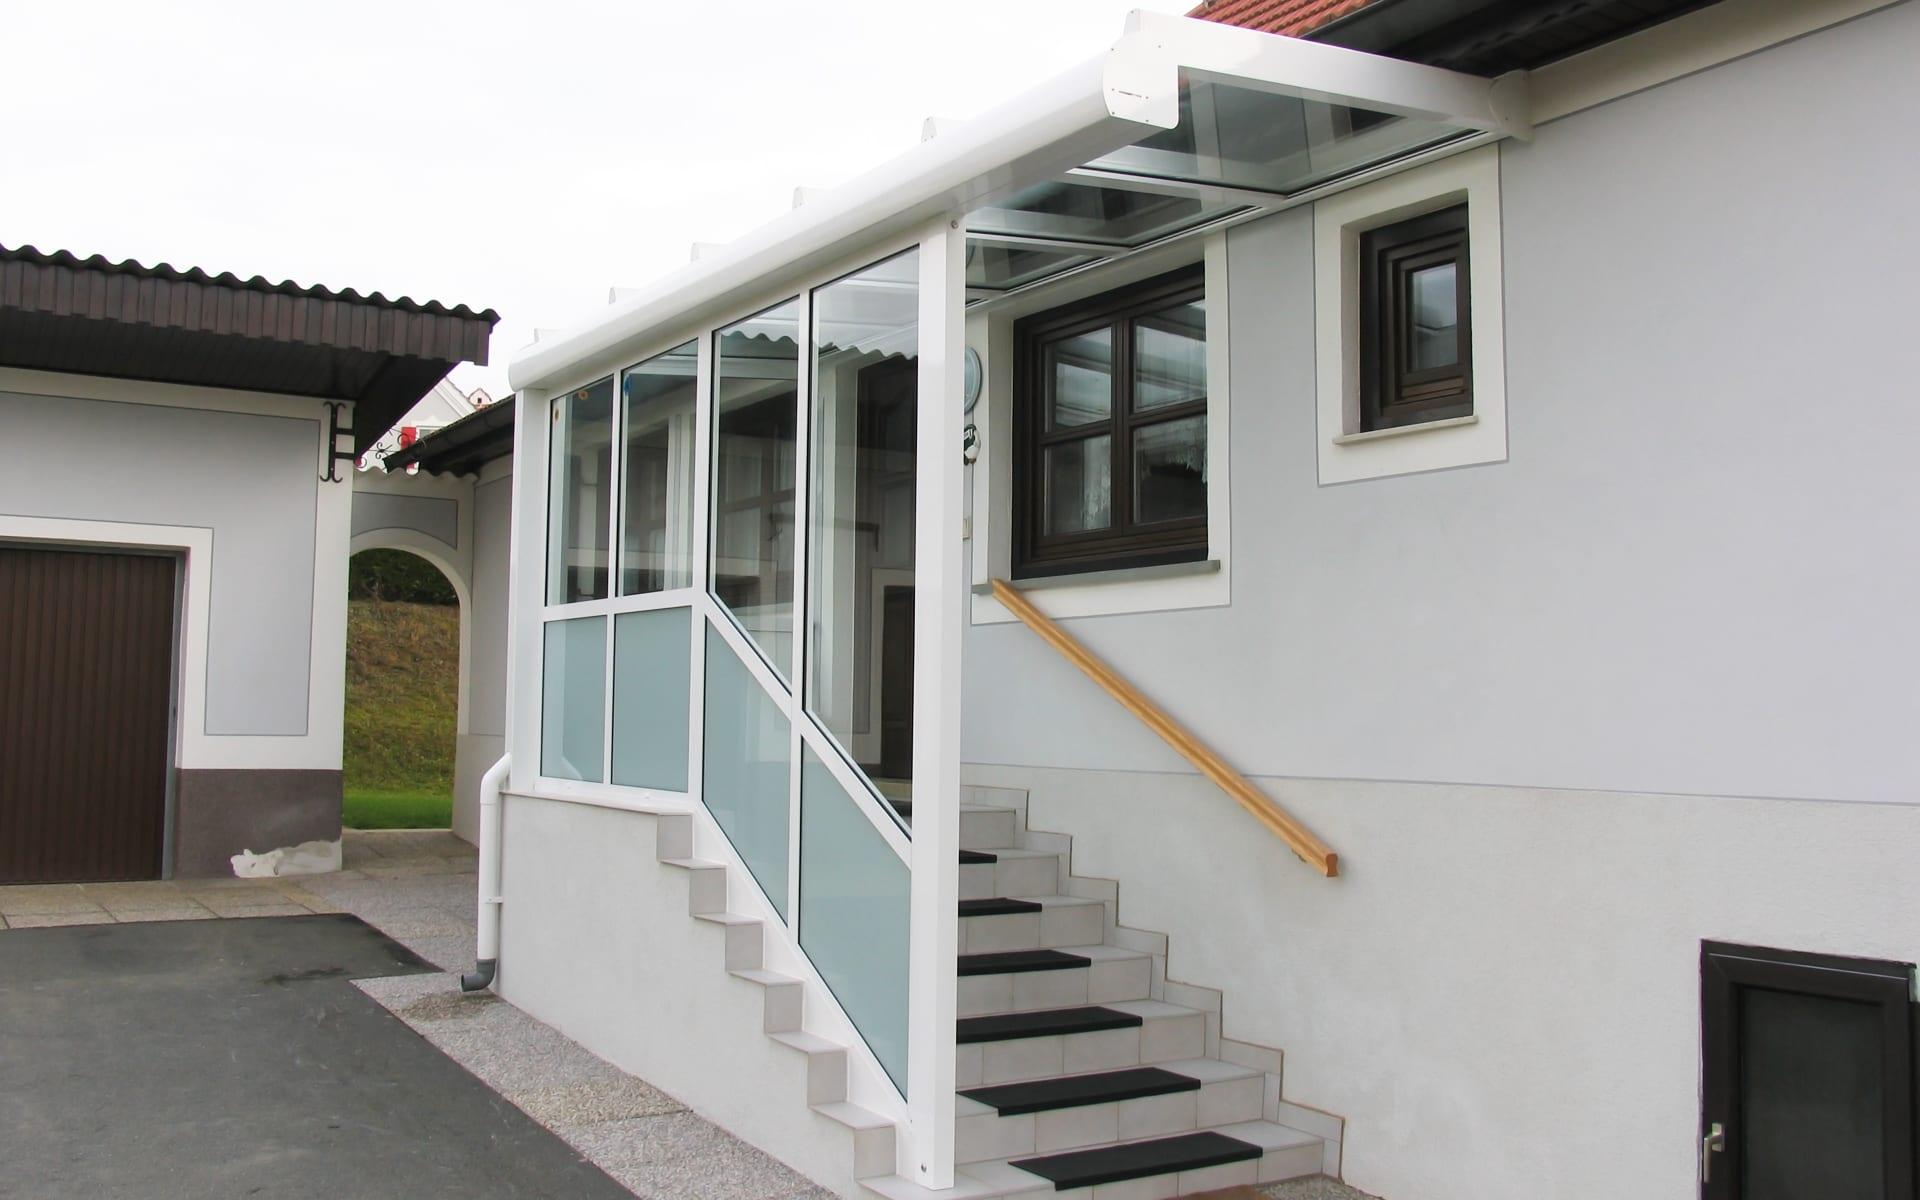 Windfang schützt den Eingangsbereich